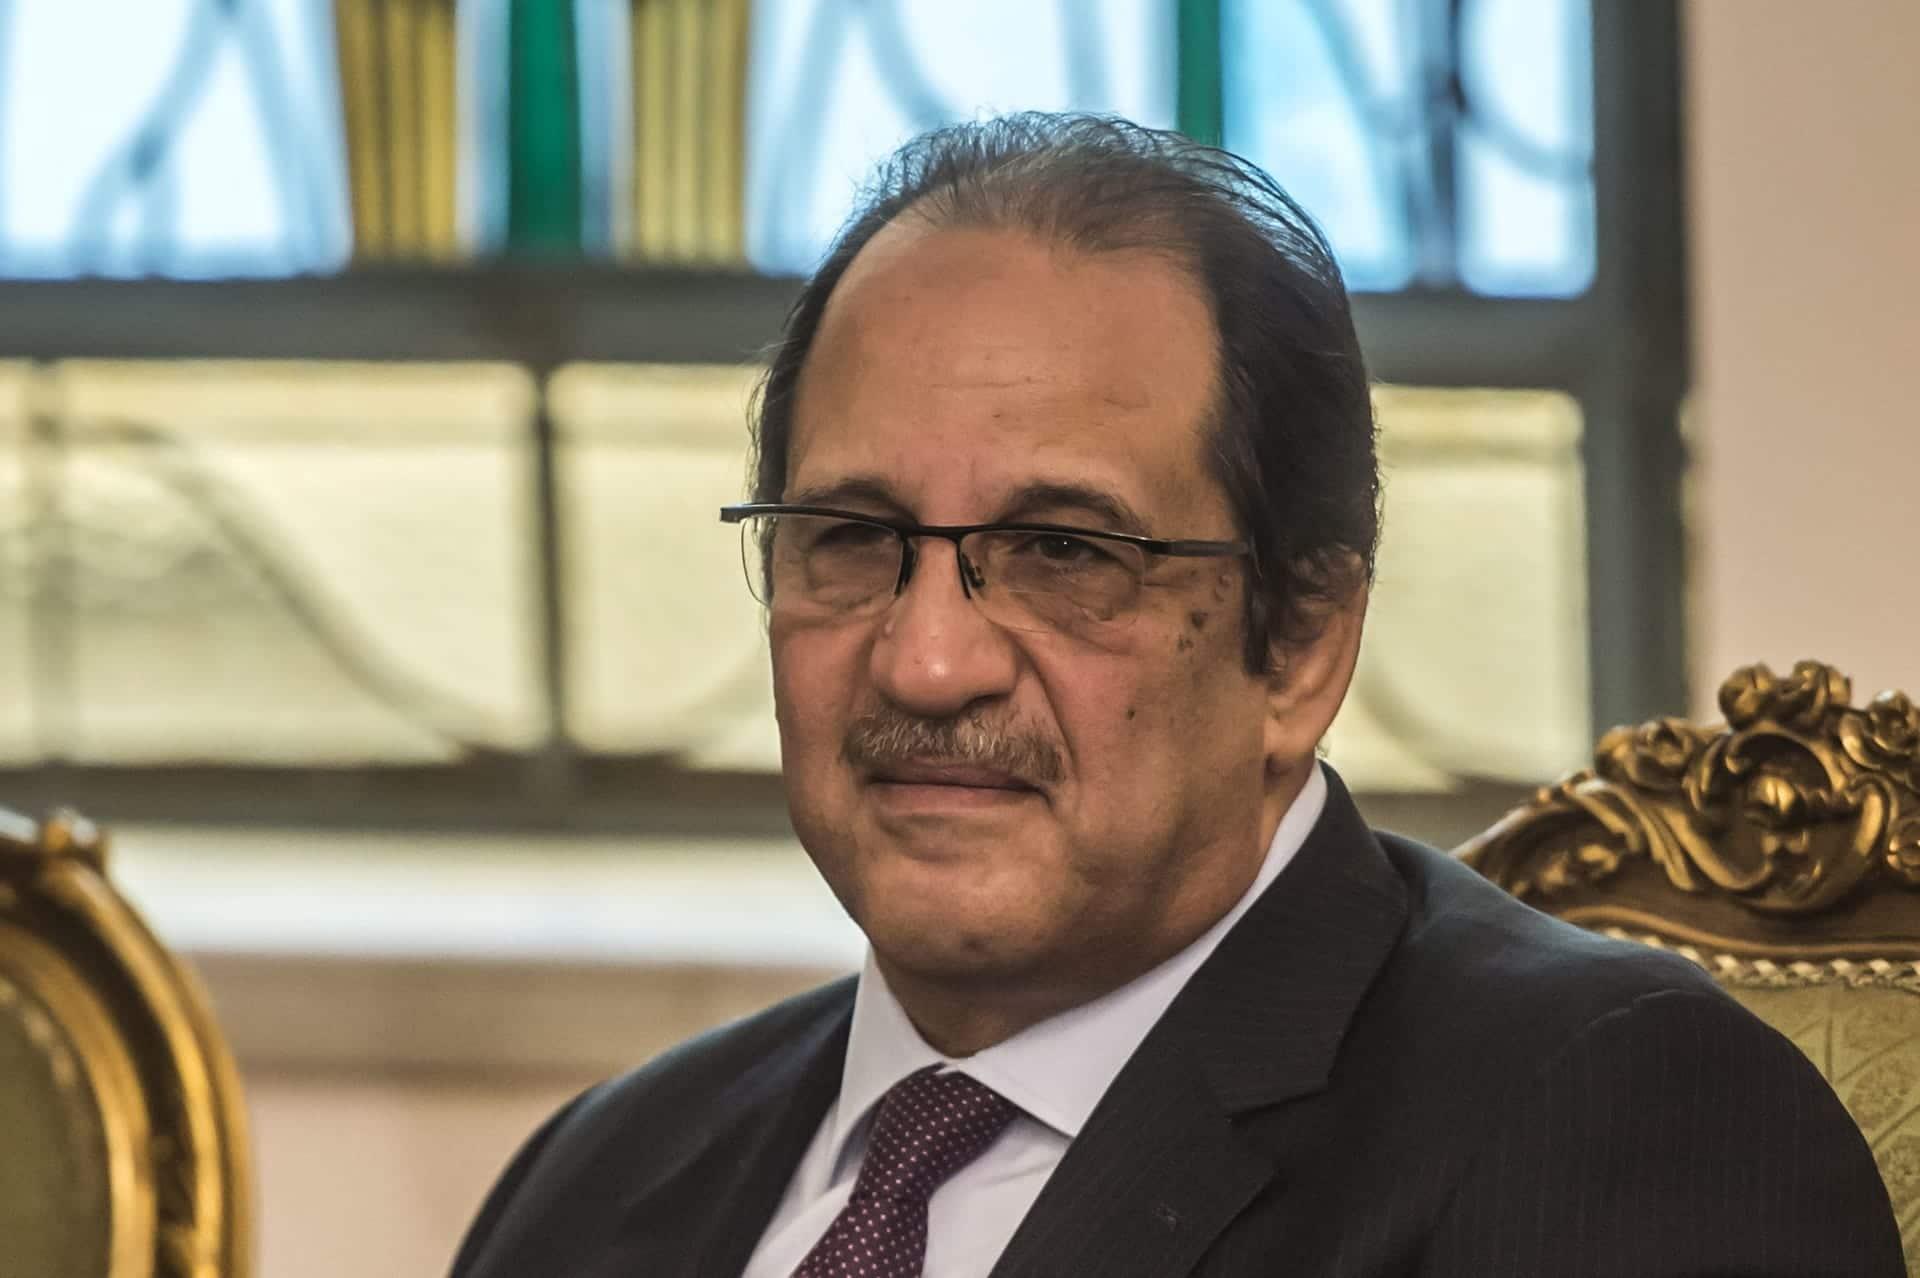 أعضاء الكونجرس يطالبون باستجواب عباس كامل بعد استخدام سم مصري في قتل خاشقجي